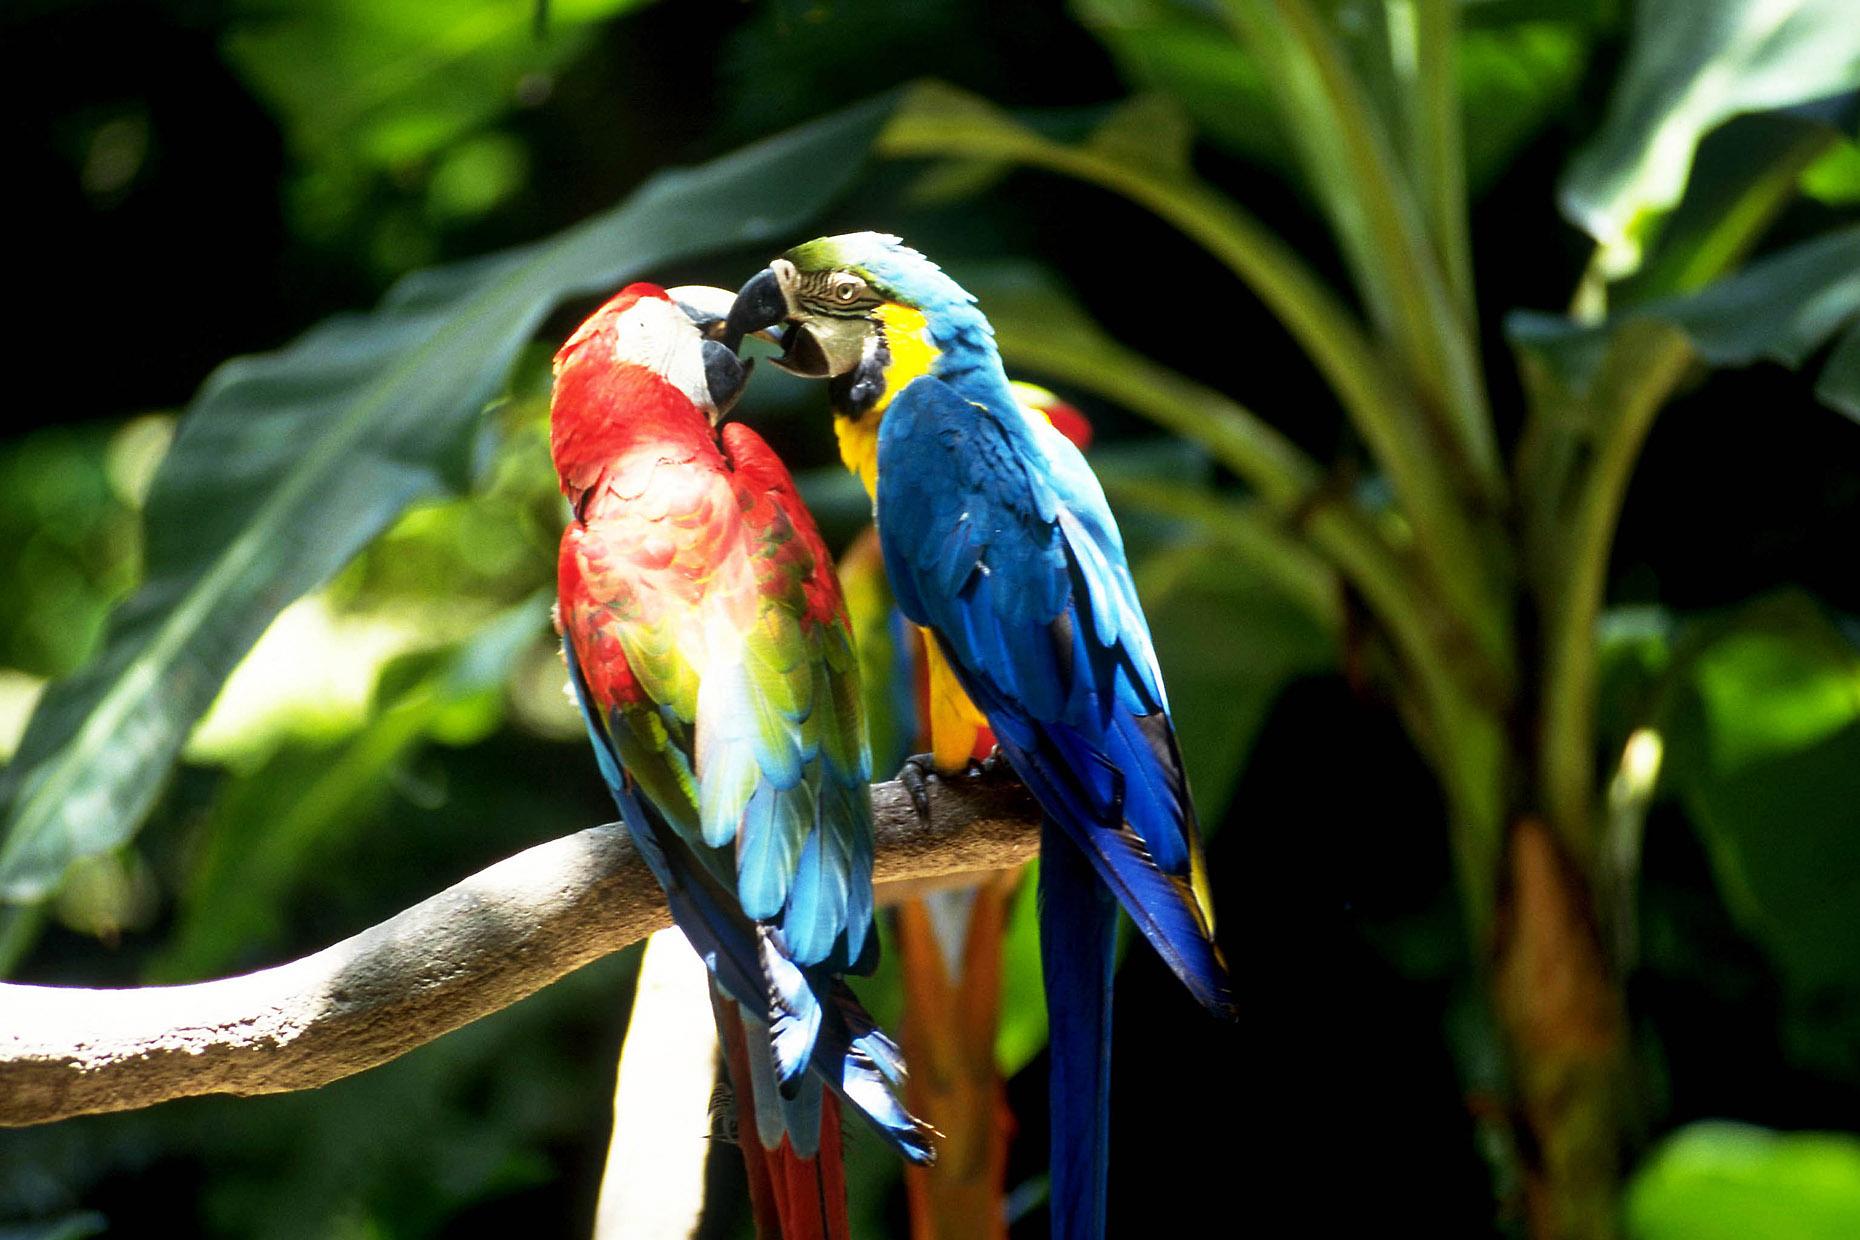 【夢占い診断】鳥のふん、鳥がなつく、鳥の大群に襲われる夢など鳥の夢の意味